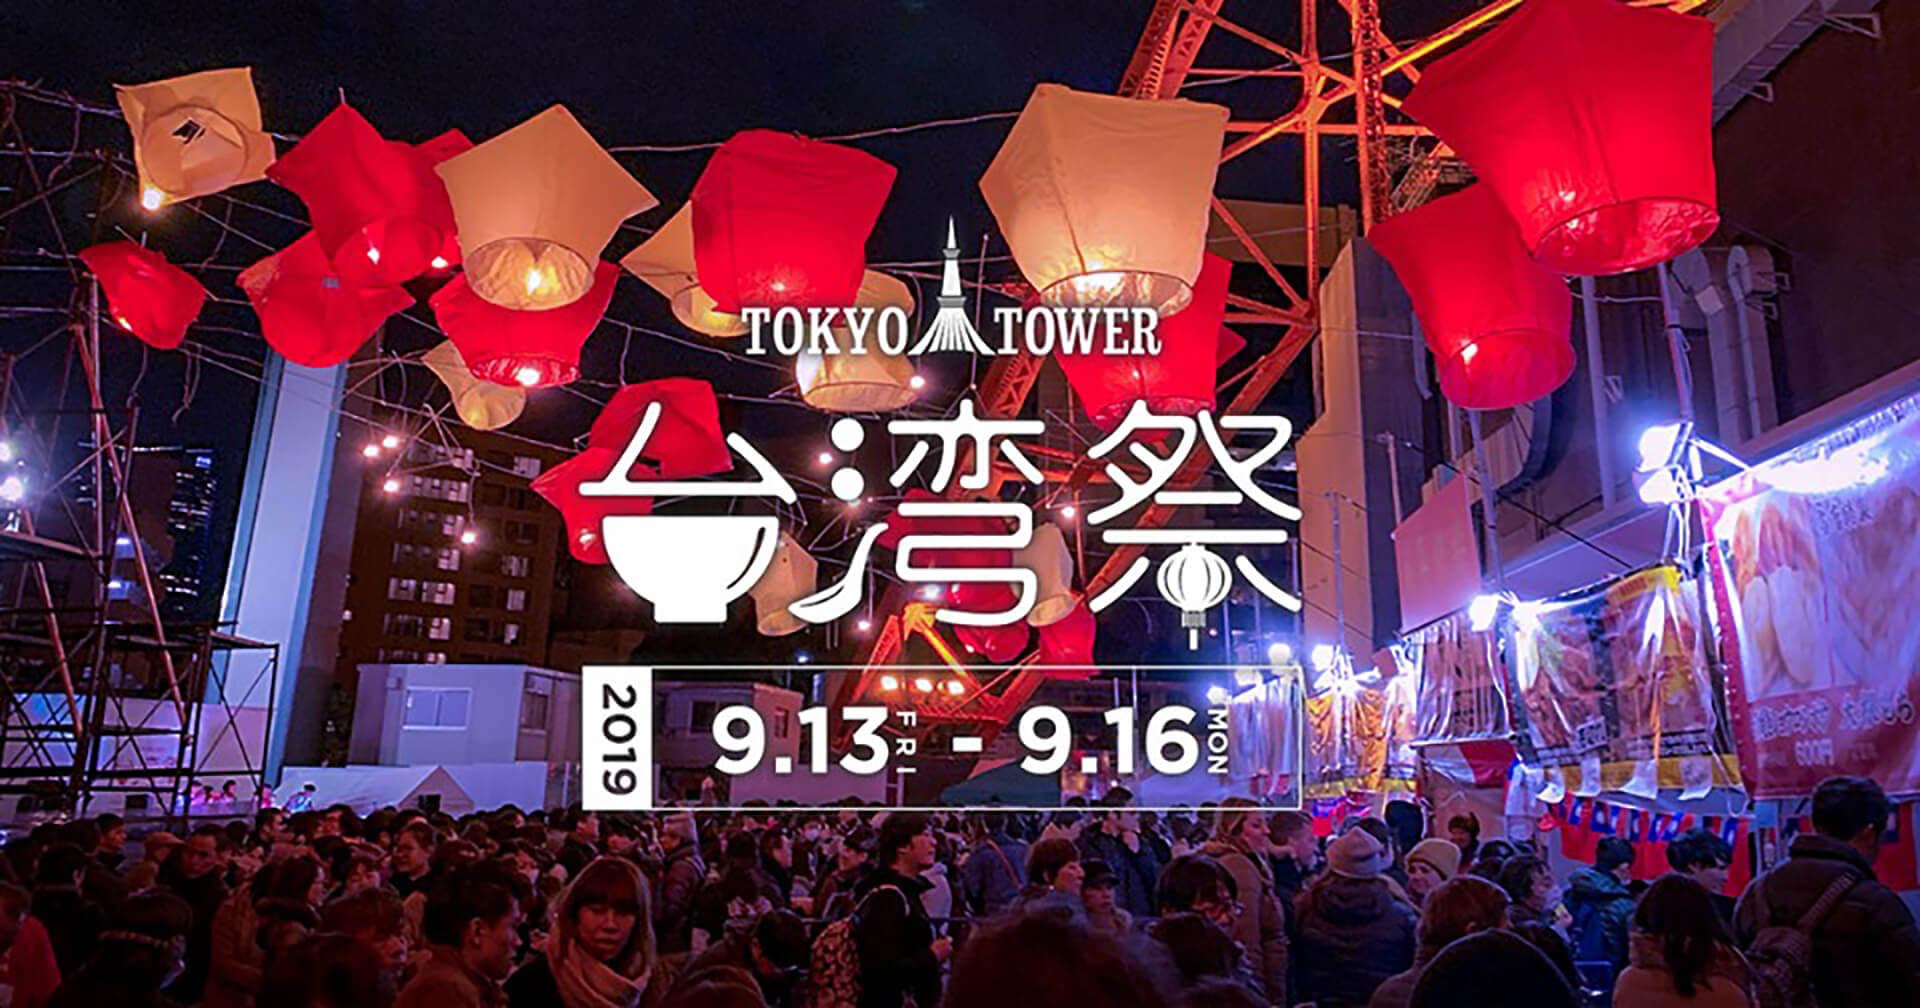 東京タワー台湾祭 2019秋メインビジュアル